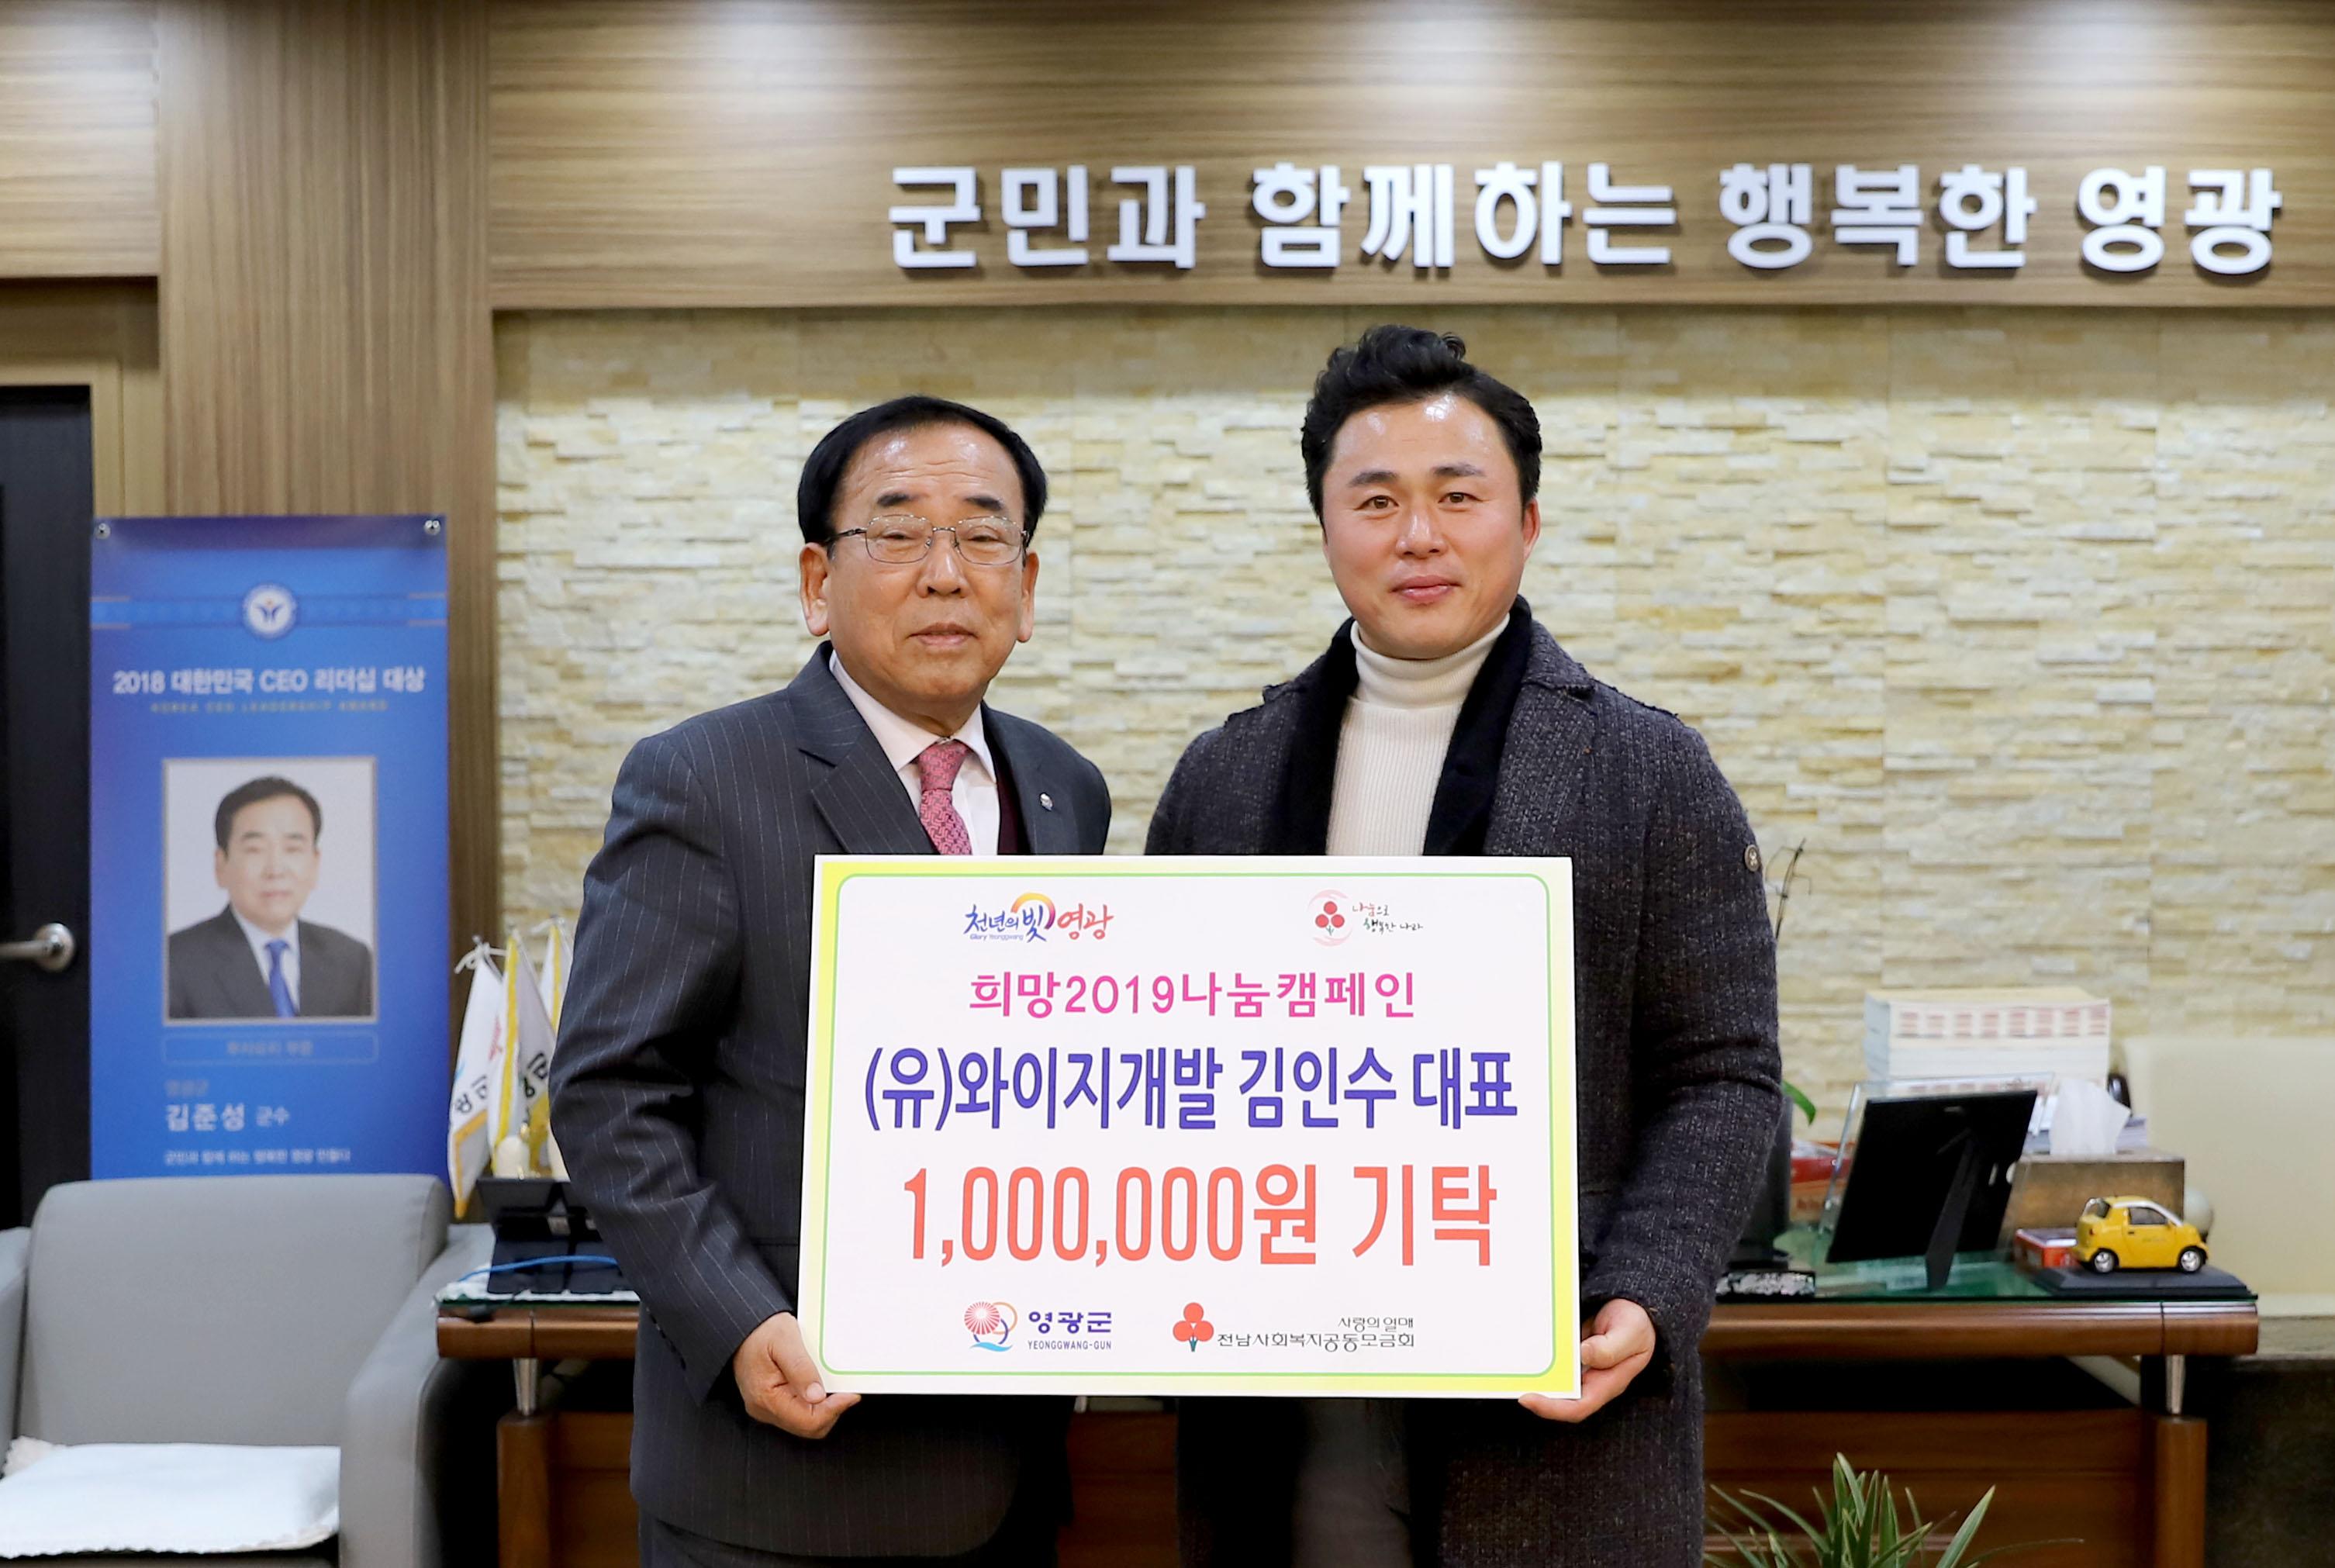 (유)와이지개발 김인수 대표 복음의 집에 100만원 기탁